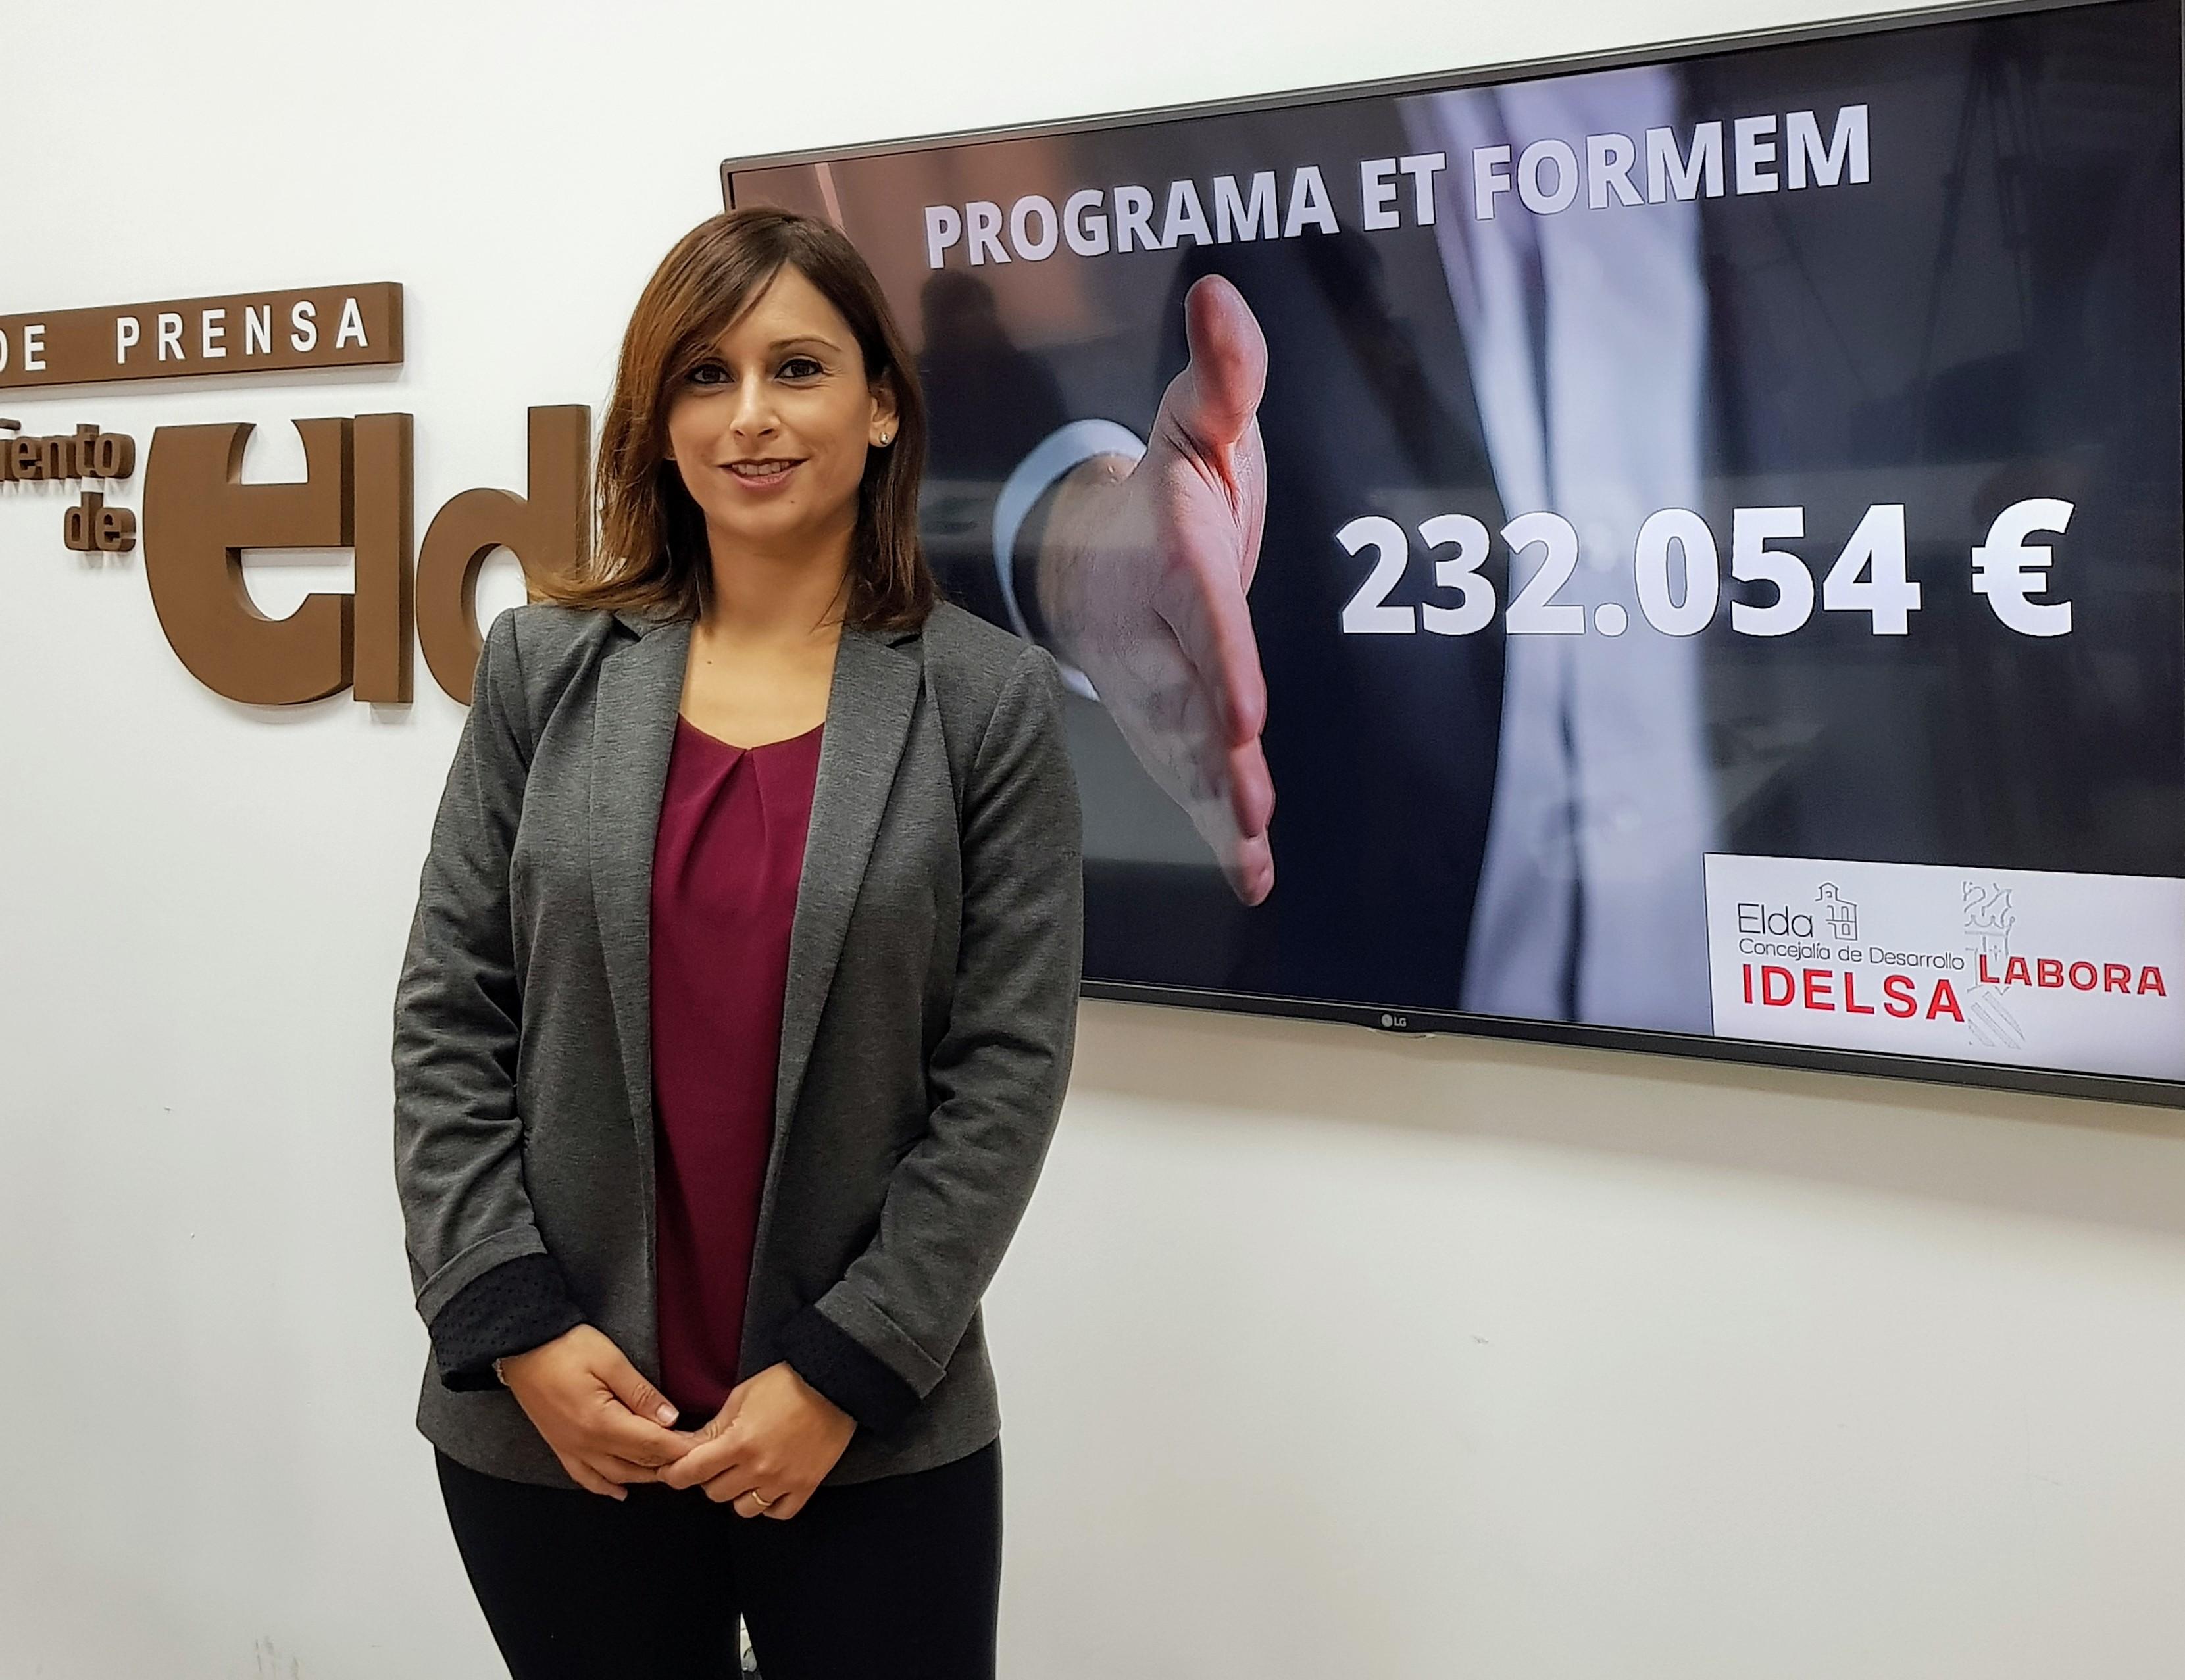 Idelsa contará con una ayuda de 232.054 euros para el programa 'Et Formem' y podrá dar formación a diez personas durante un año